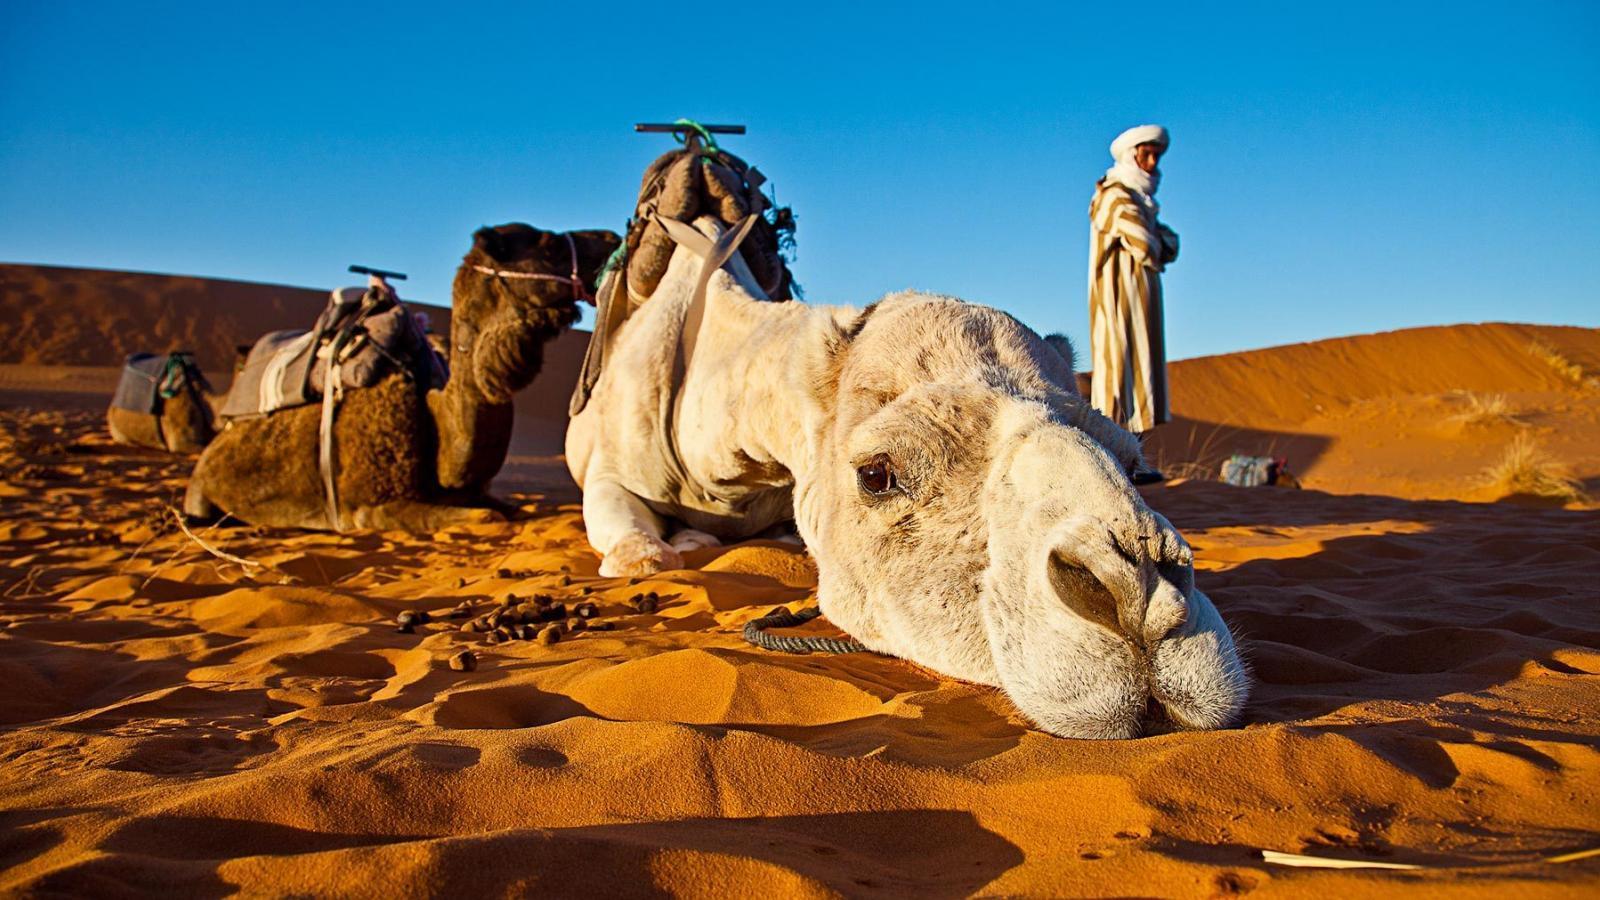 Camel Trekking Amp Excursions Destination Morocco Tours